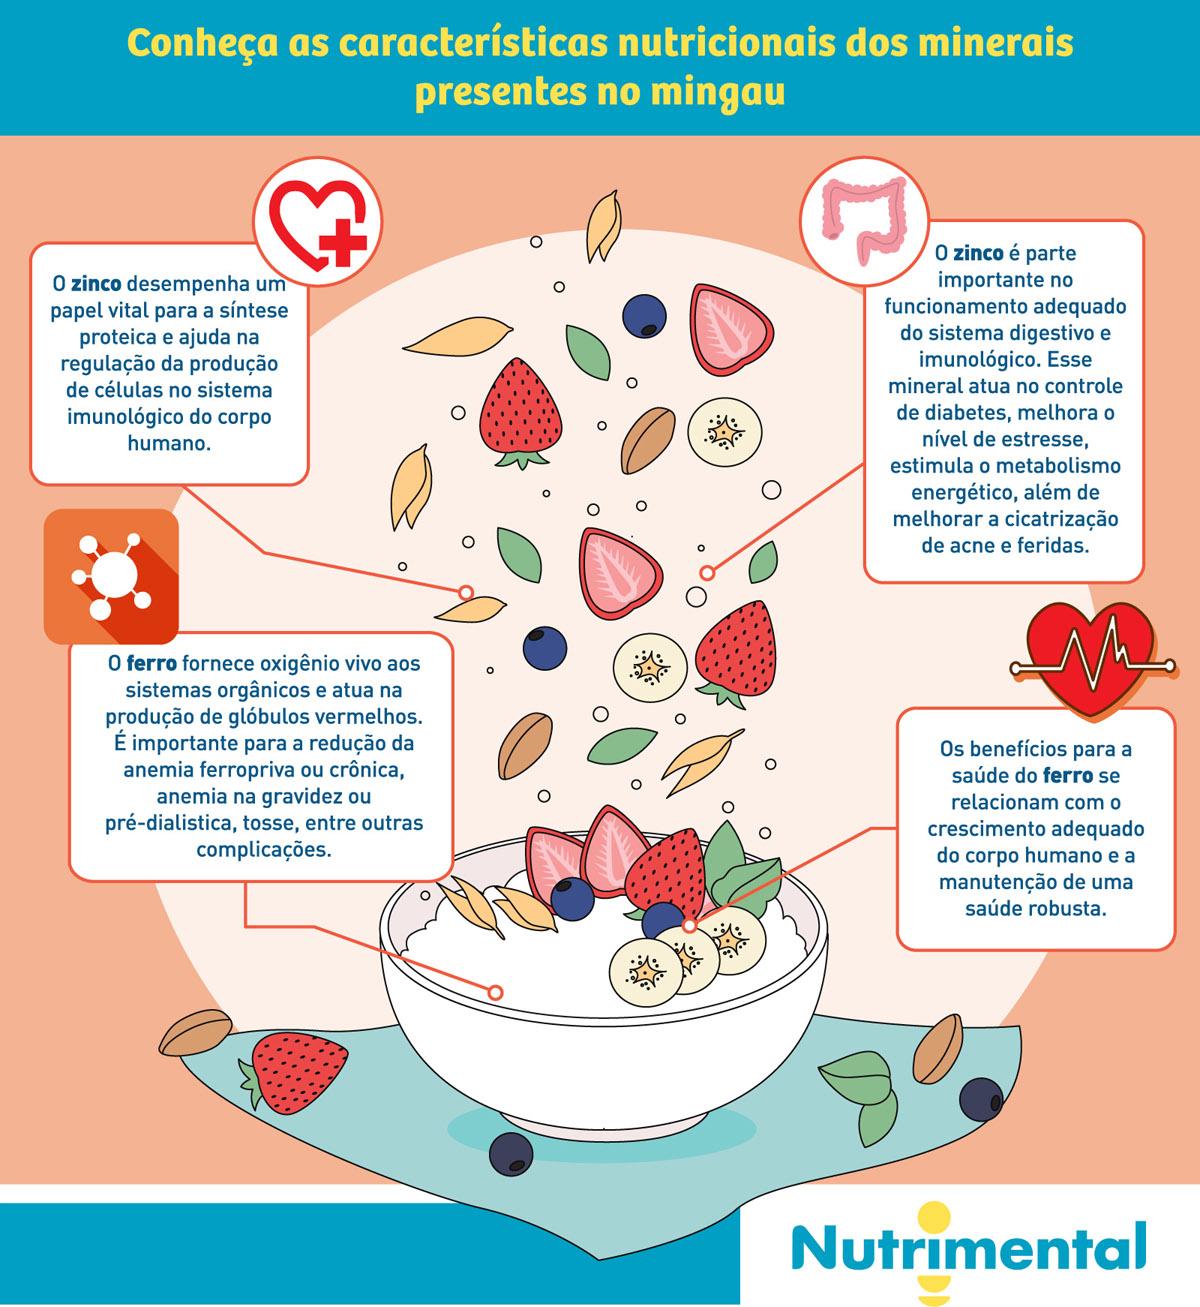 Conheça as características nutricionais dos minerais presentes no mingau